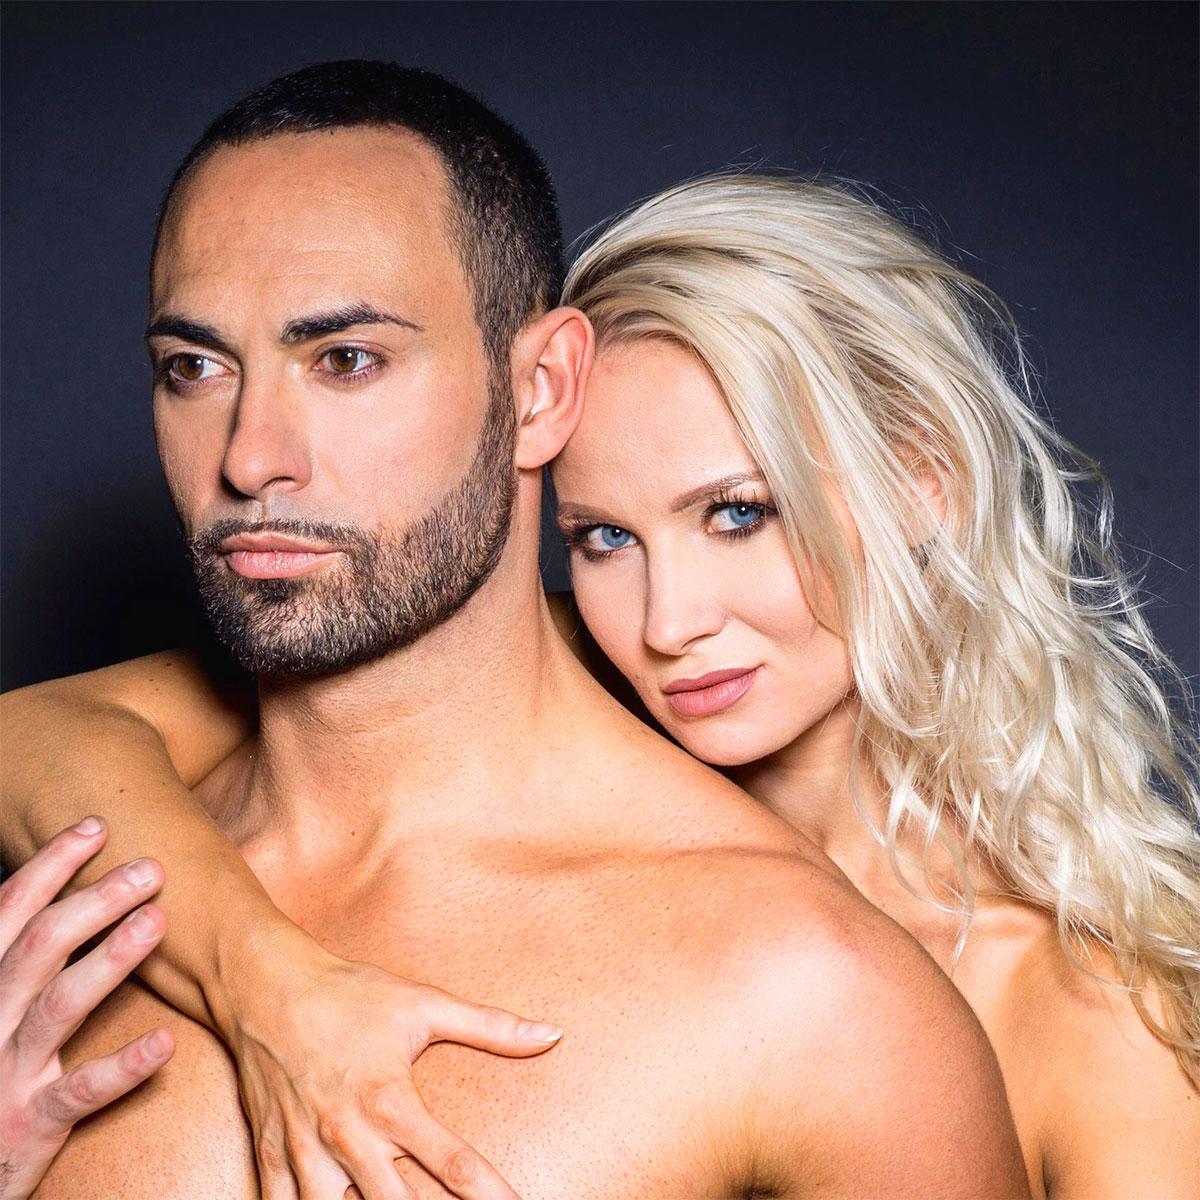 Stefano Oradei con Veera Kinnunen